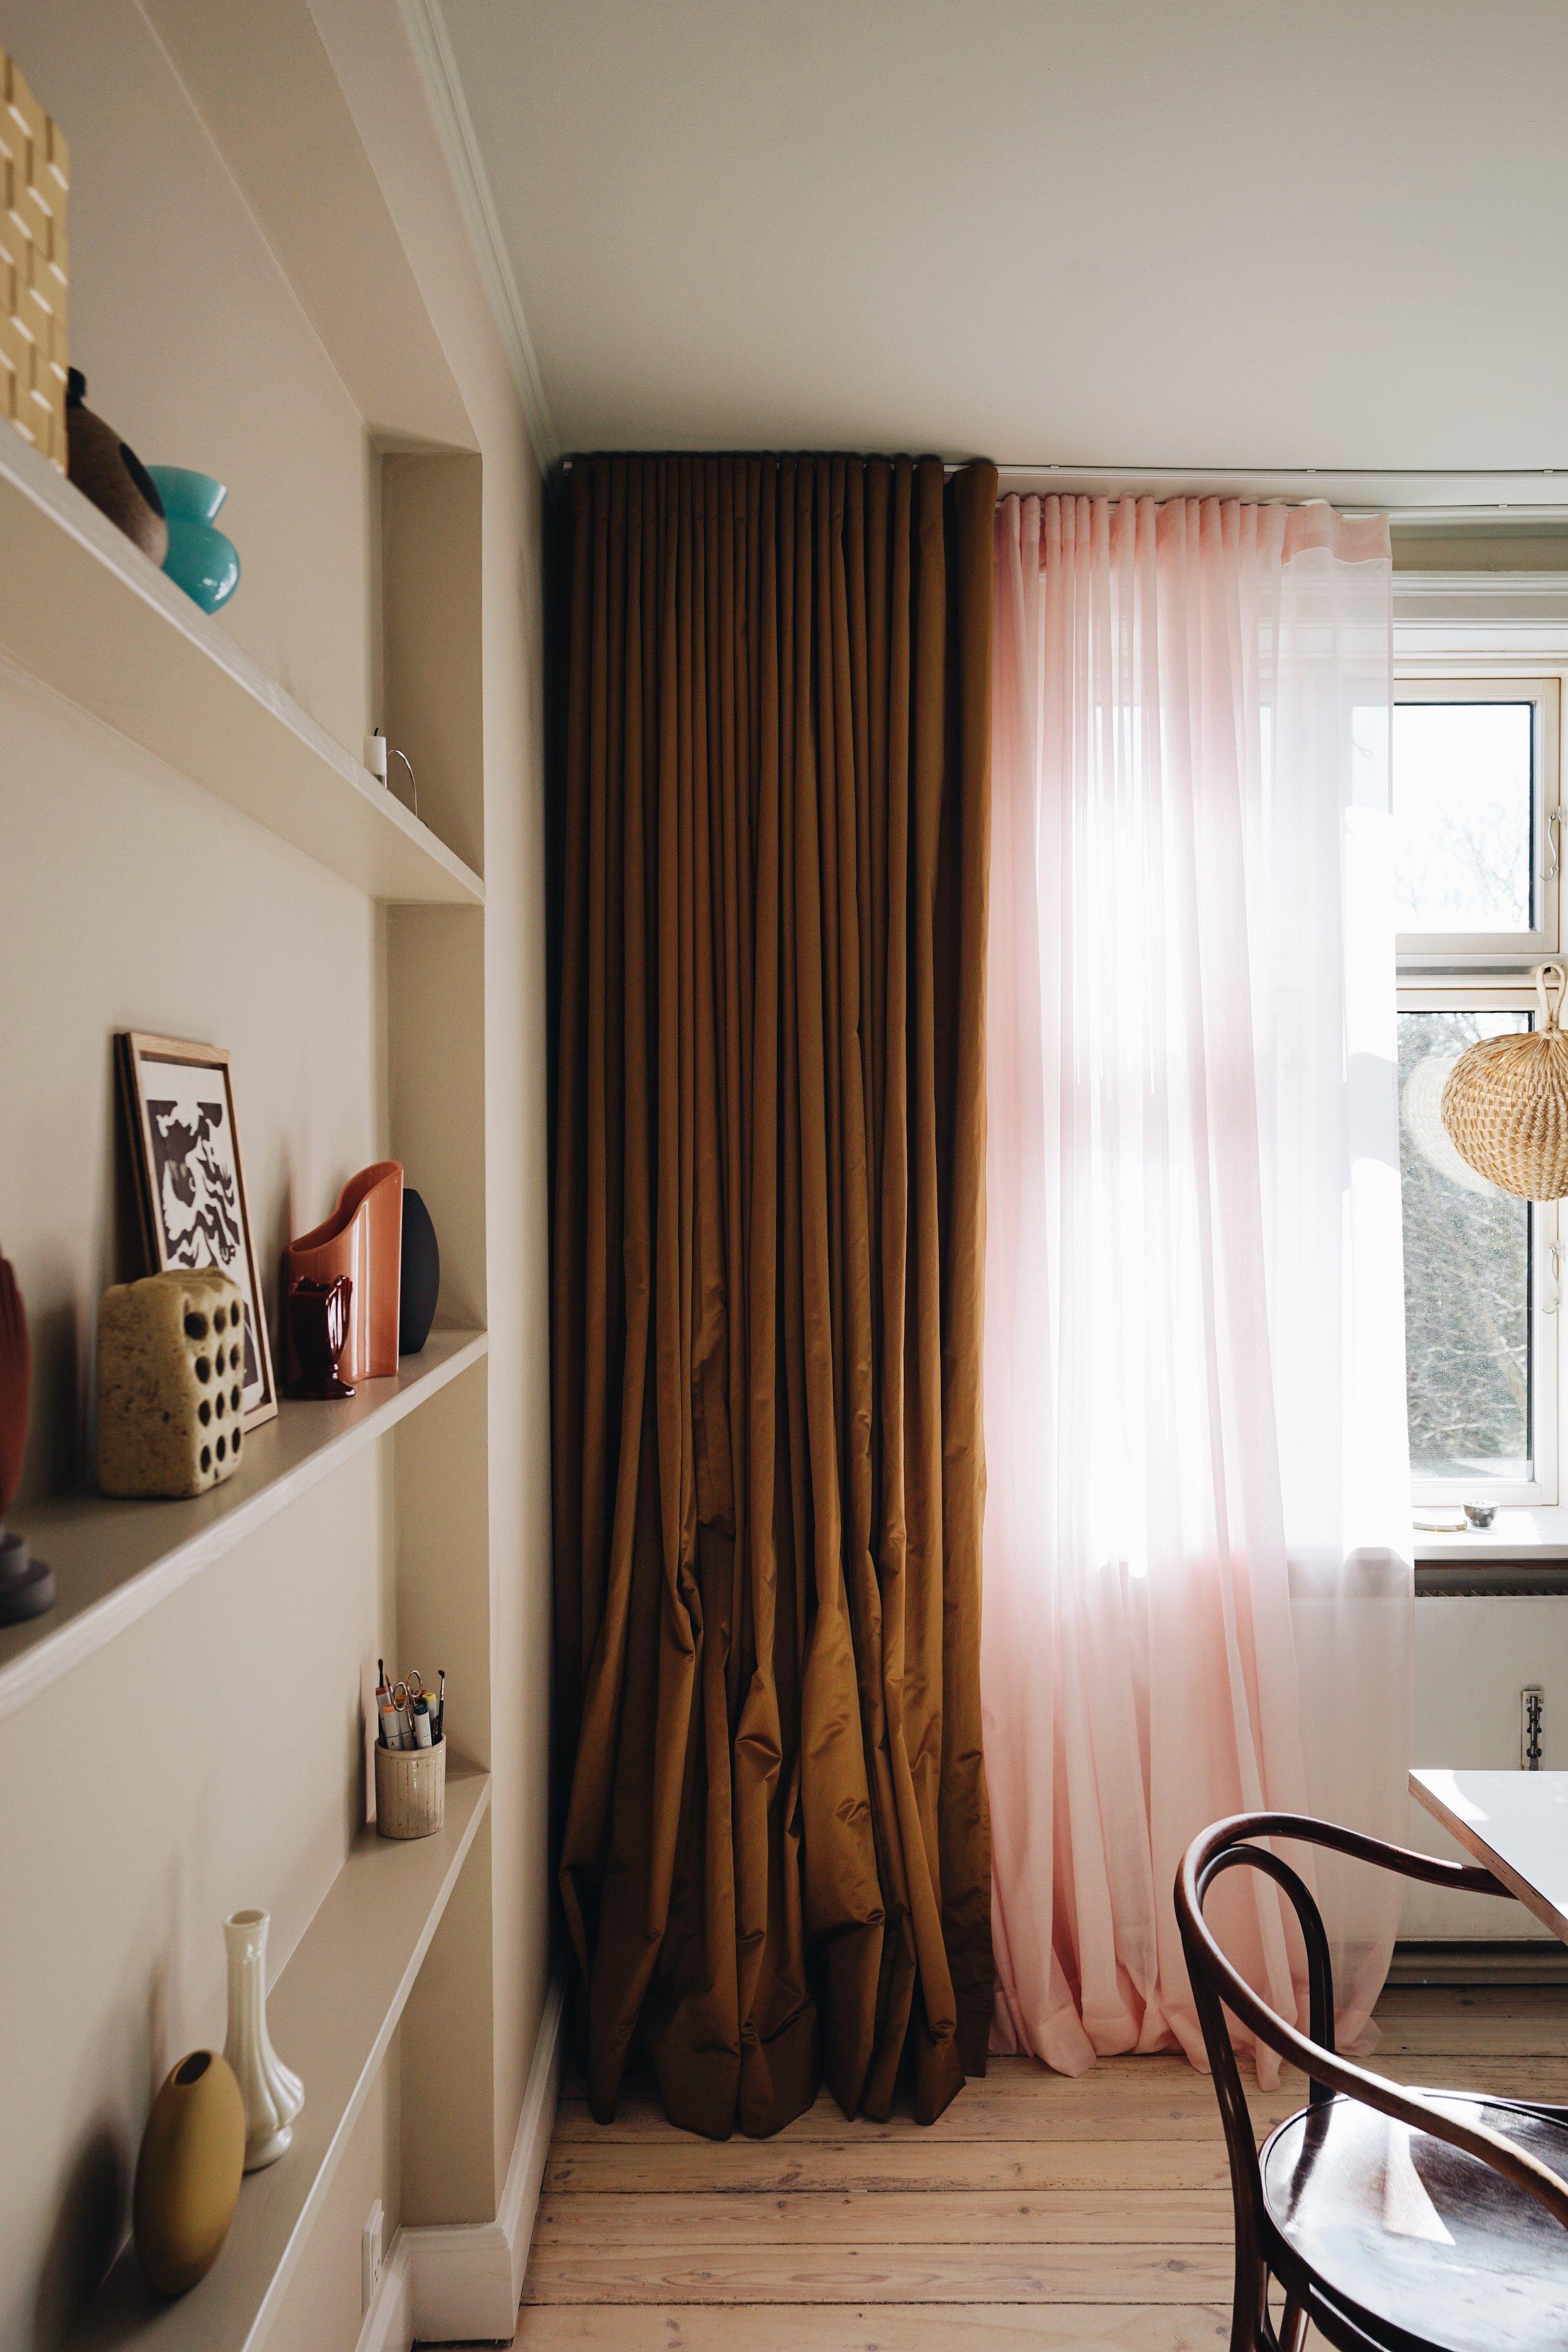 ASROSENVINGE_Arne Aksel_Curtains_Frederiksberg_Home-46.JPG